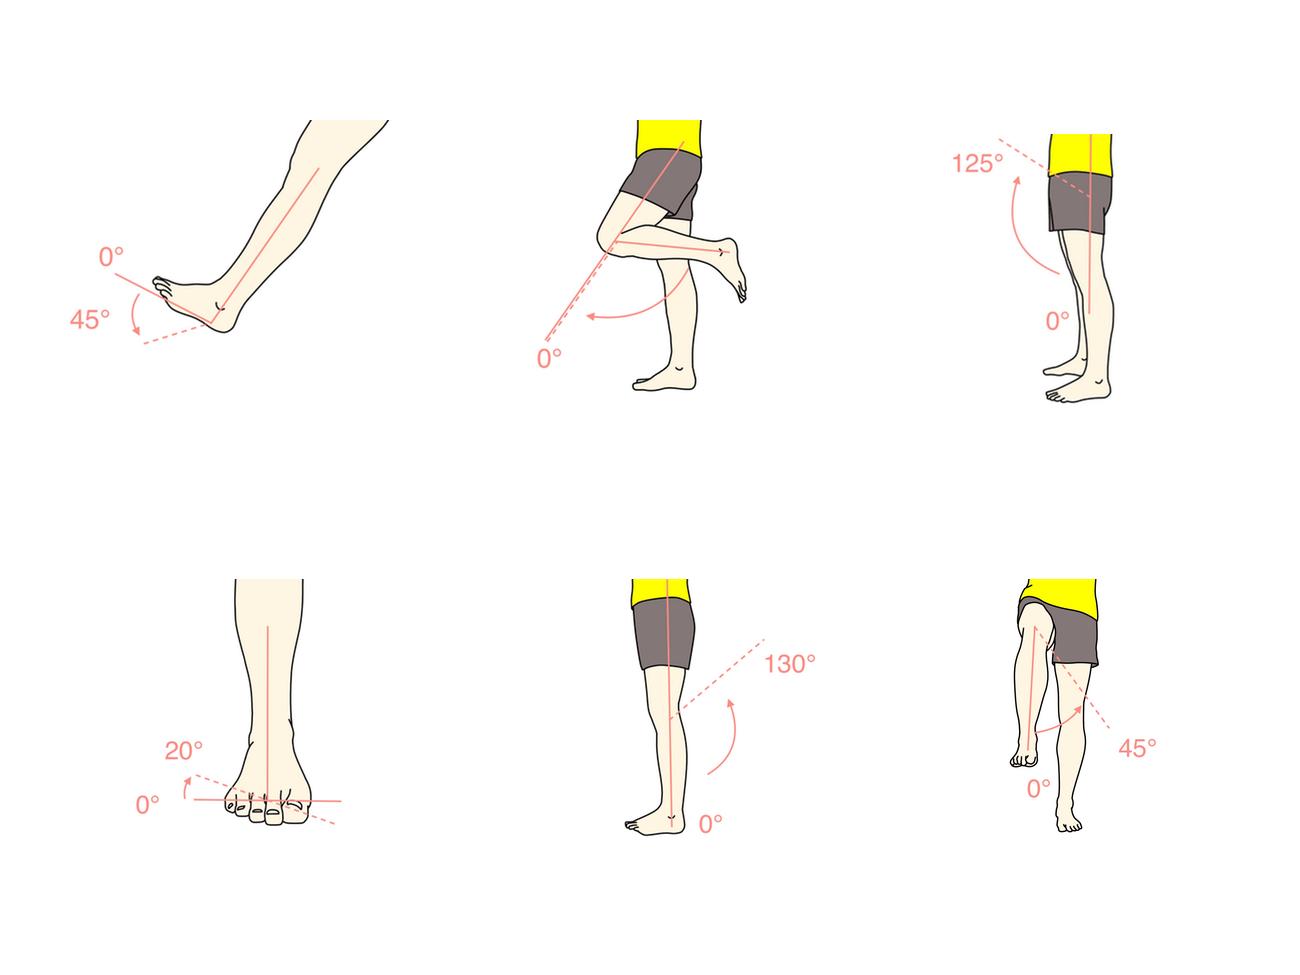 下肢の関節(足関節・膝関節・股関節)の関節可動域(ROM)と働く筋肉